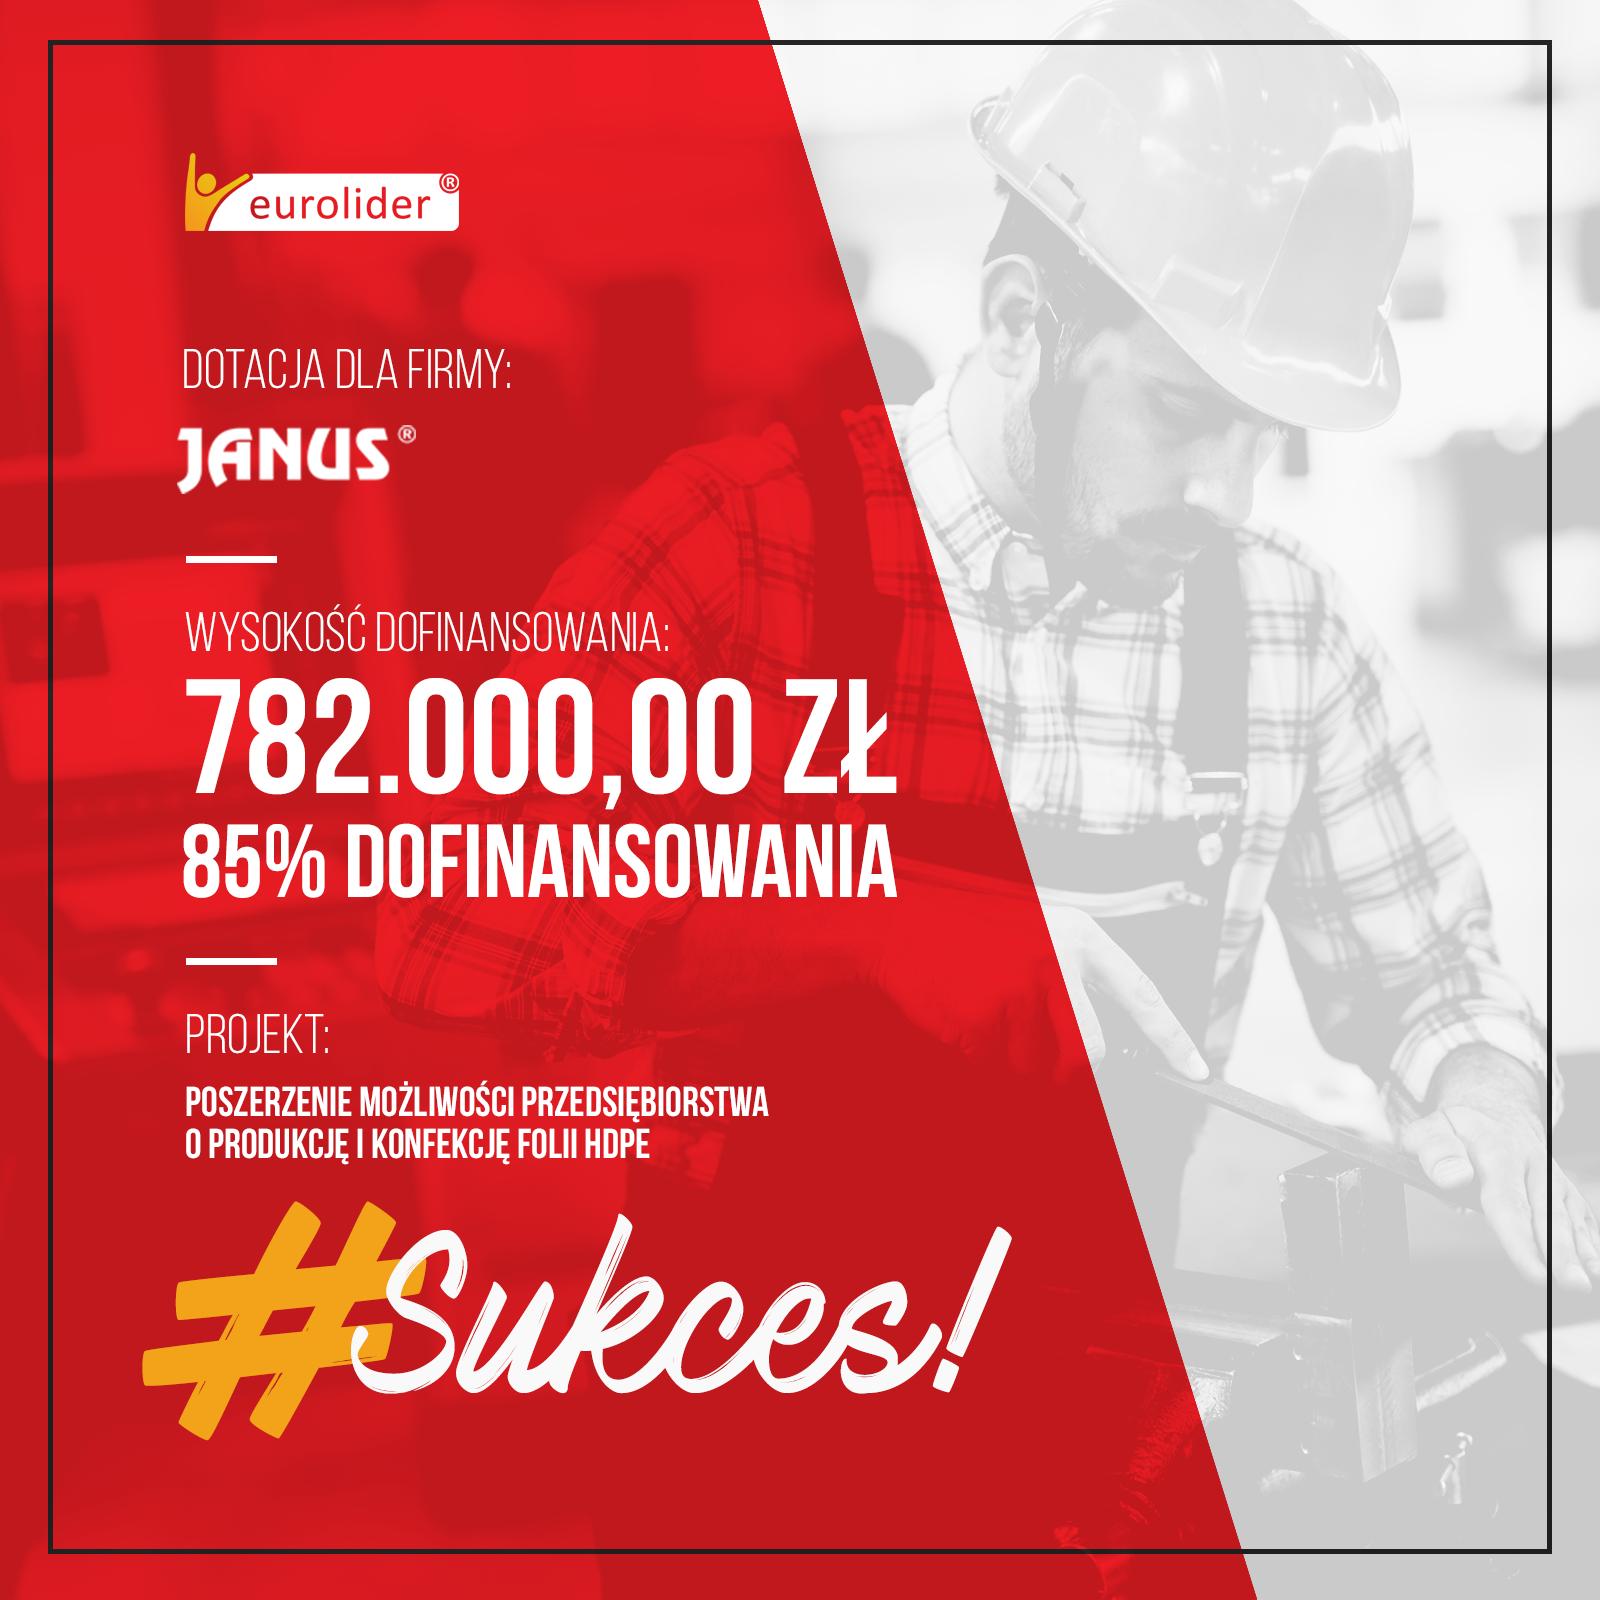 dotacja dla firmy janus, wysokość dofinansowania 782.000,00 zł